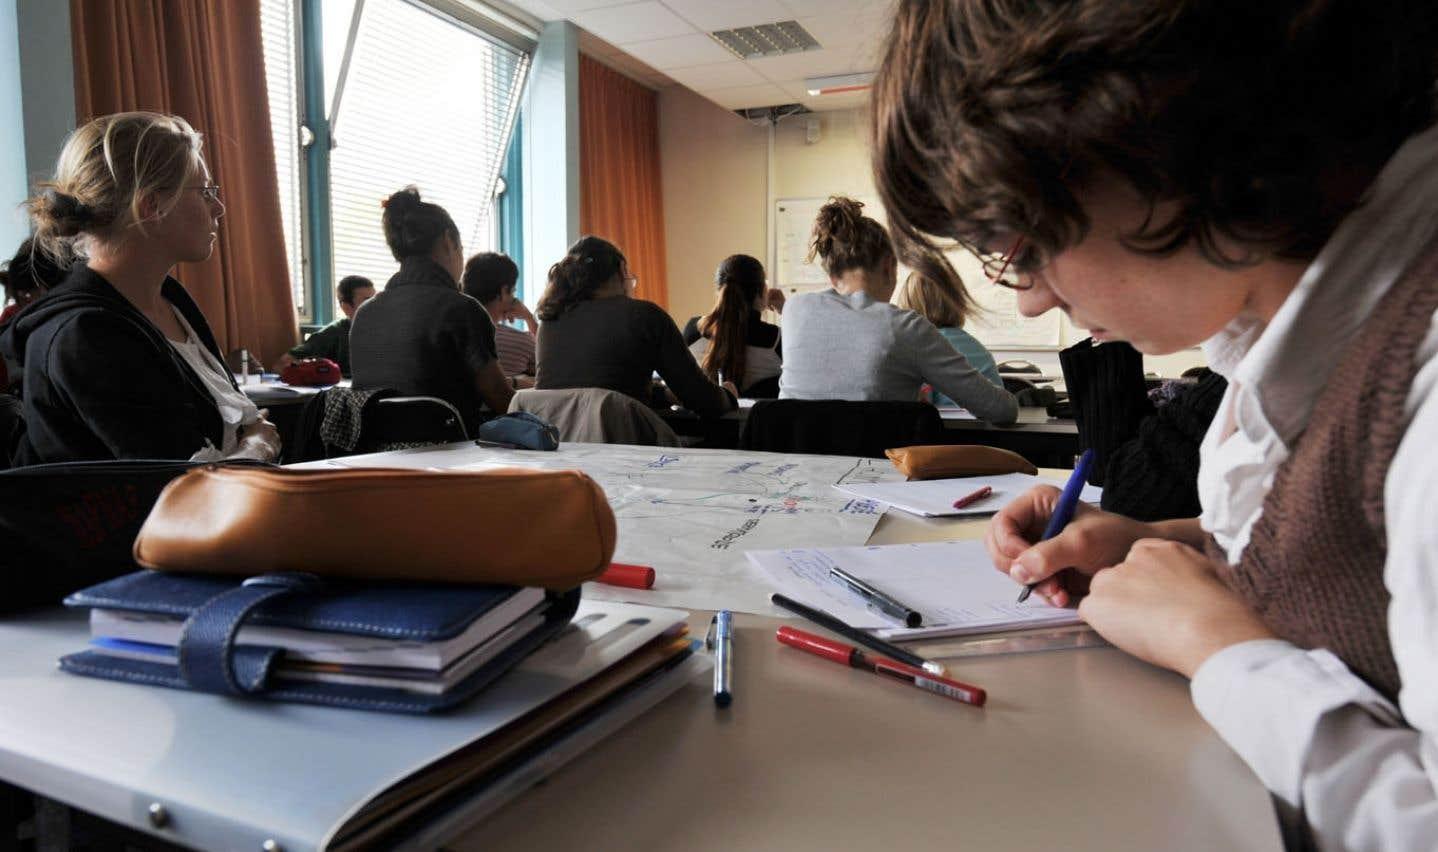 Pierre Doray croit qu'il faut valoriser l'éducation aux adultes auprès de toute la population, et pas seulement pour les décrocheurs.